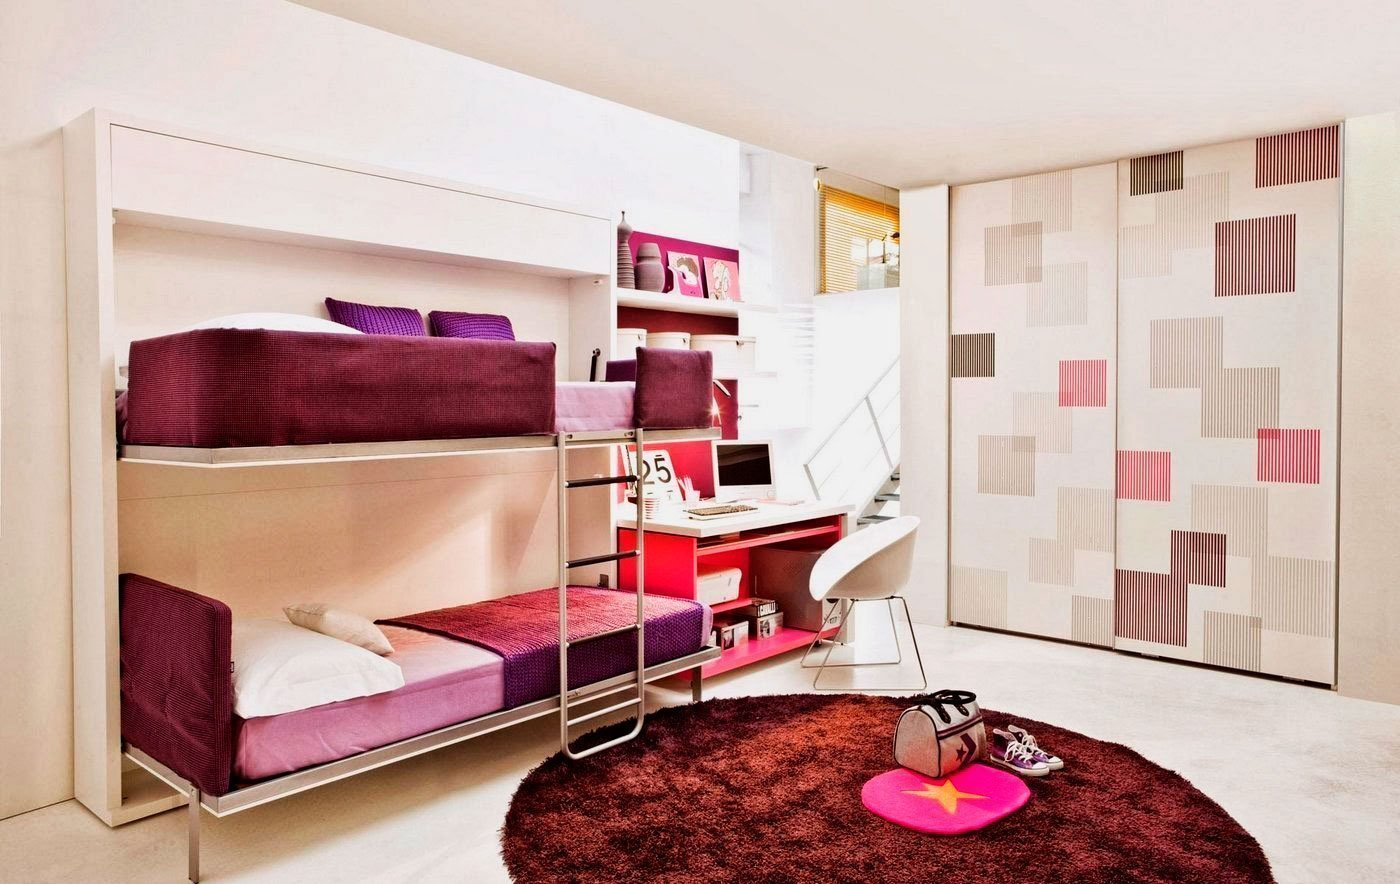 Бордовый цвет в интерьере комнаты